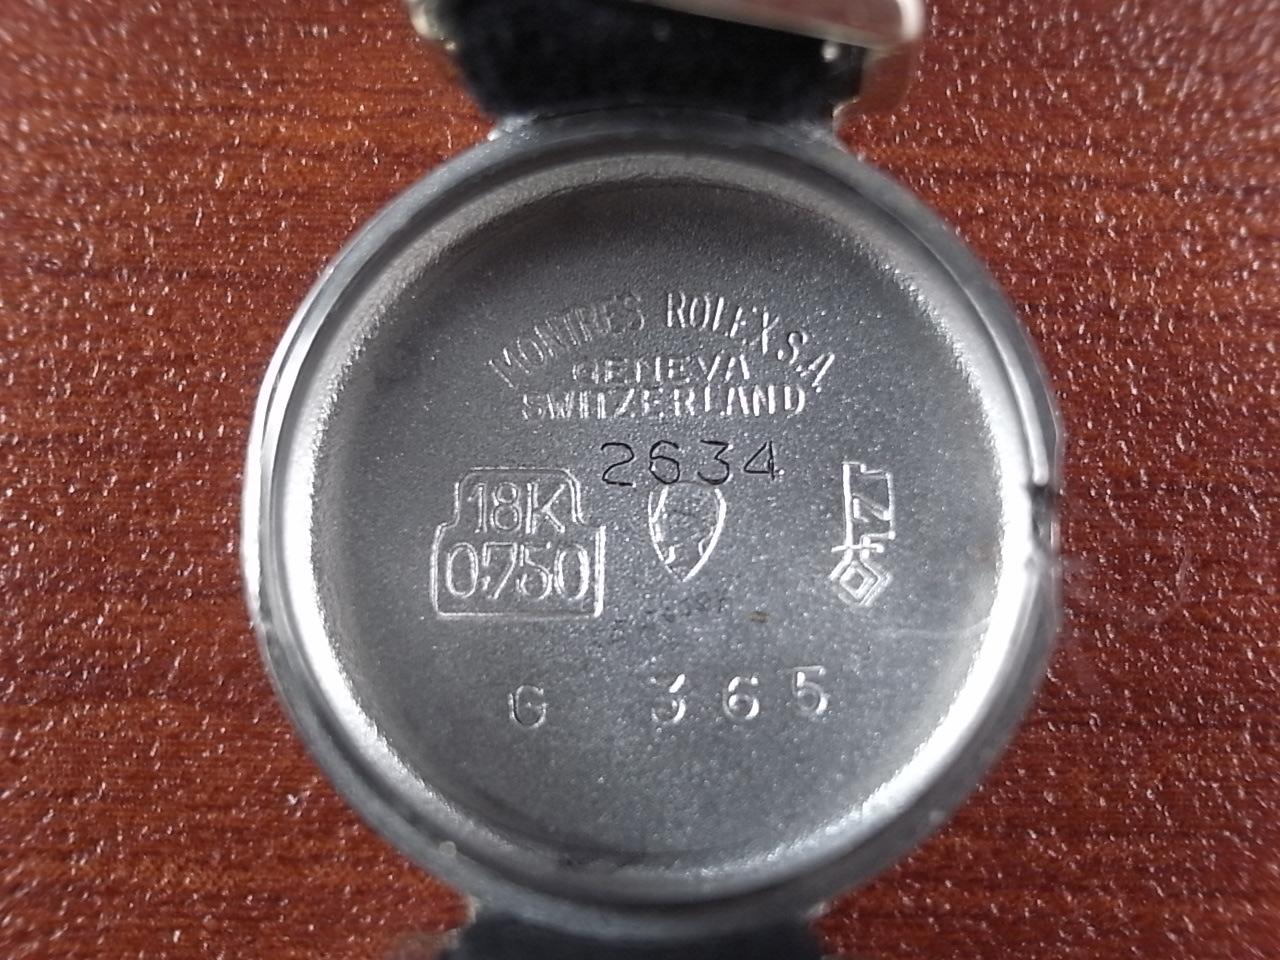 ロレックス レディス 18KWG プレシジョン カットガラス Cal.1400 1960年代の写真6枚目